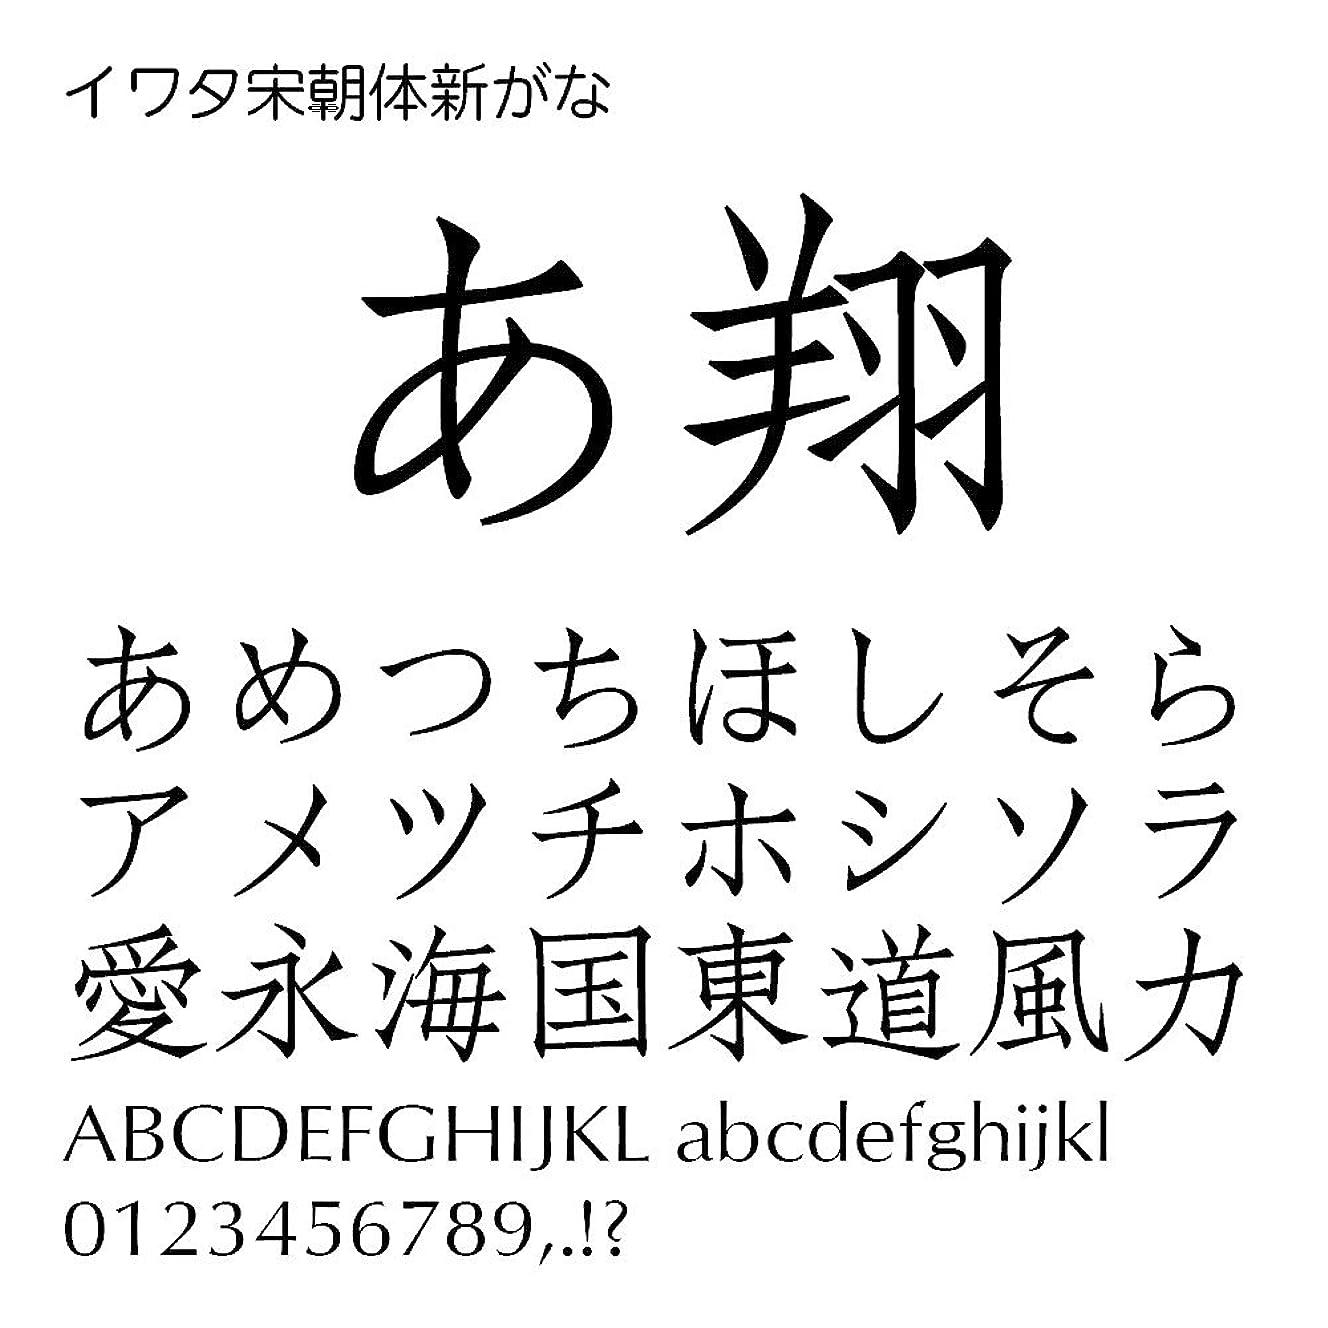 トライアスロン民主党キャップイワタ宋朝体新がな TrueType Font for Windows [ダウンロード]